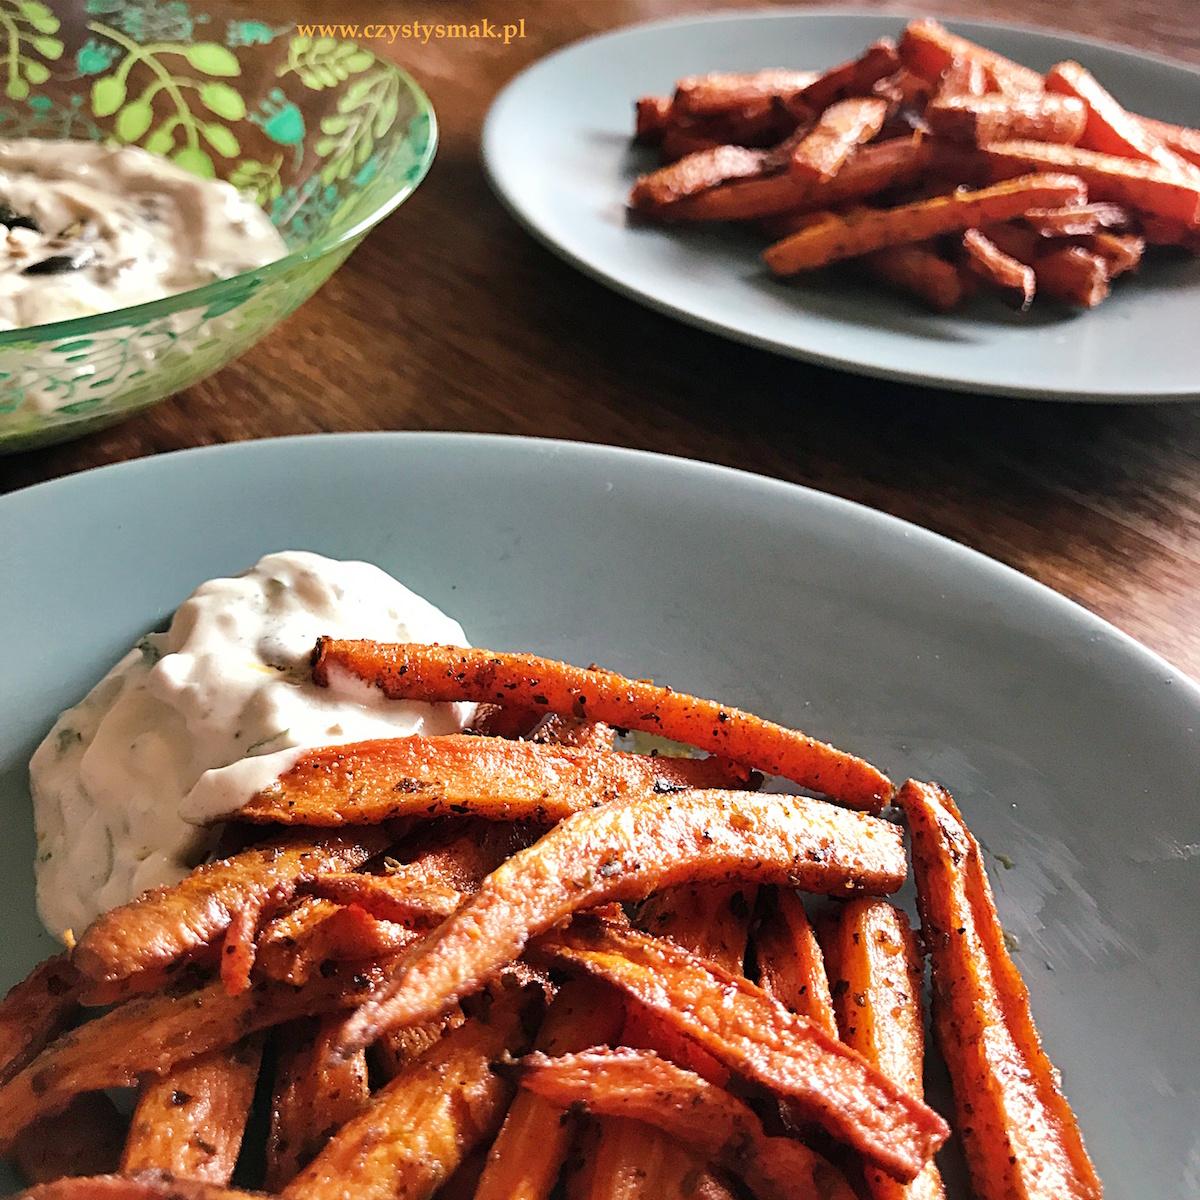 Frytki z marchewki czyli frytki na płodność